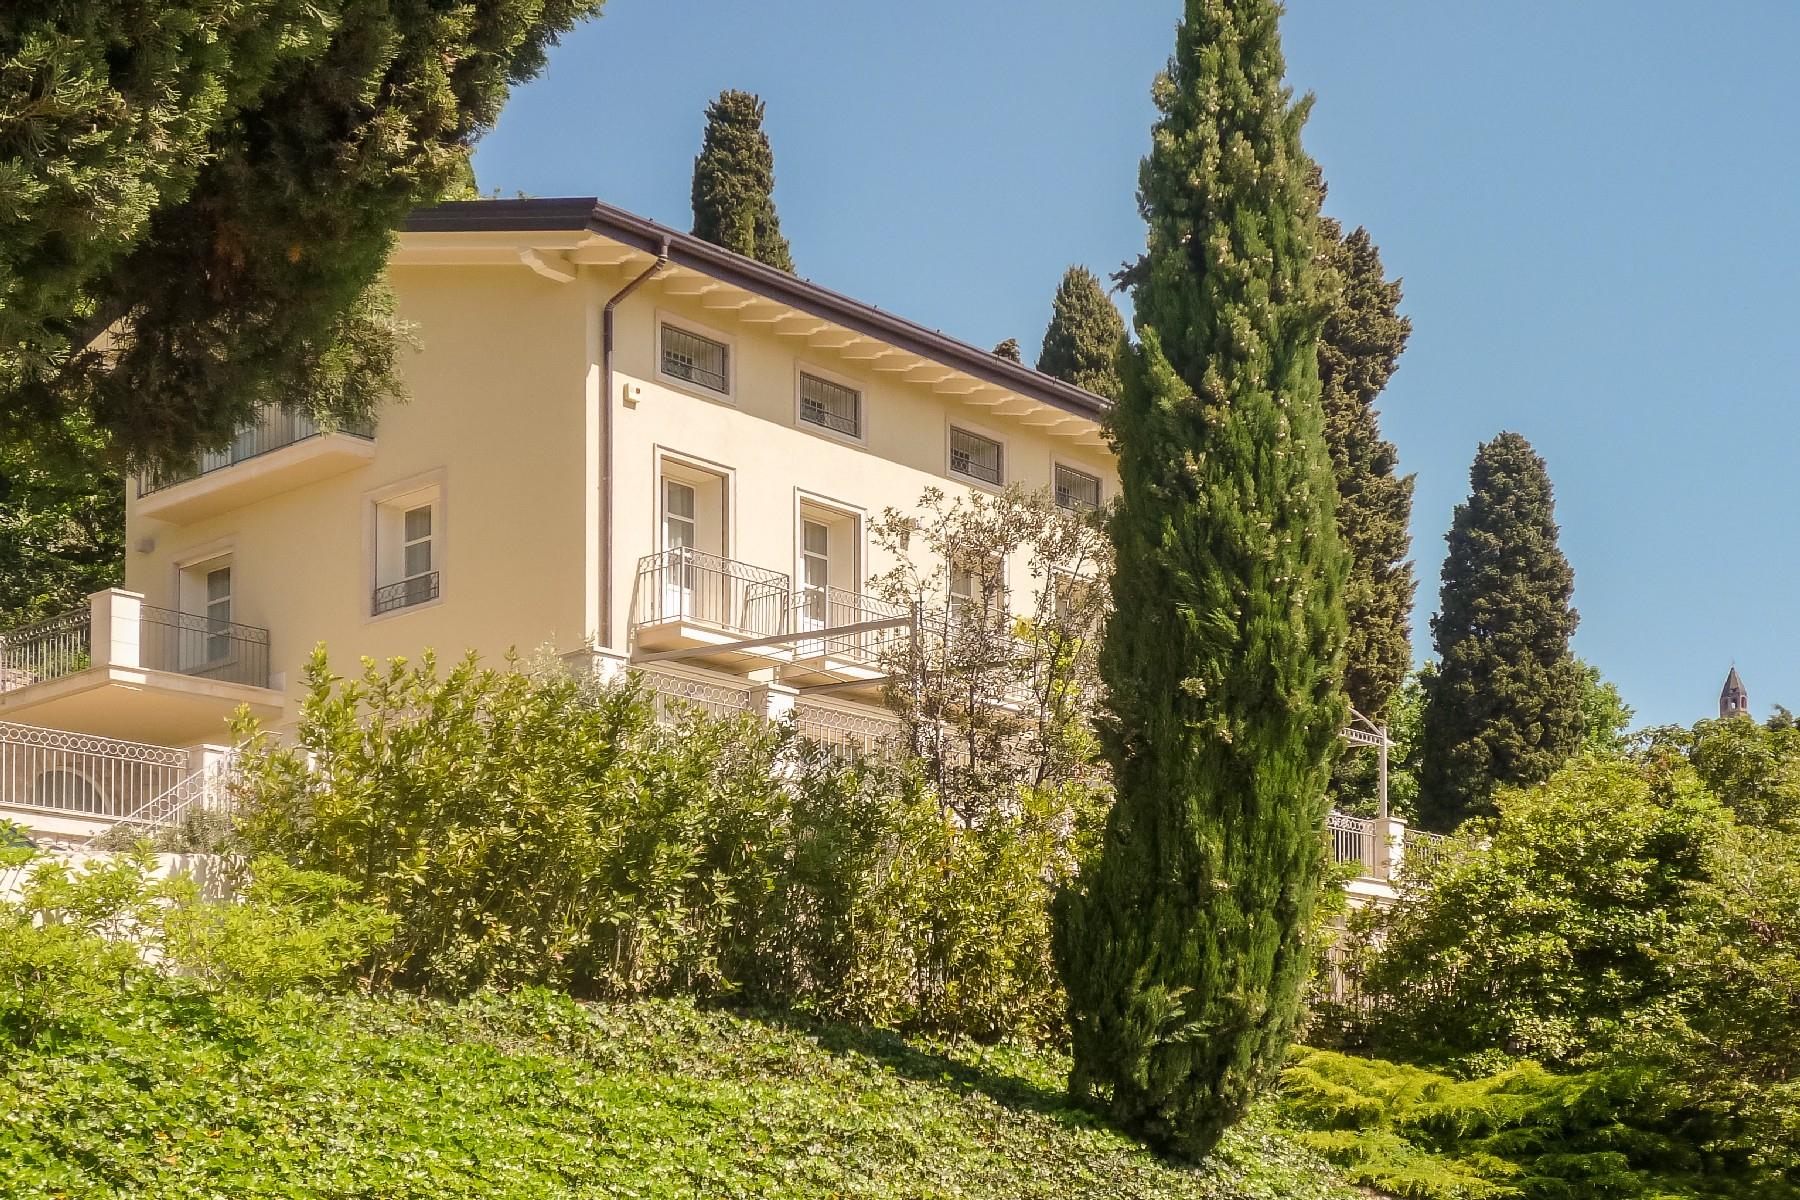 Villa in Vendita a Bergamo: 5 locali, 650 mq - Foto 12